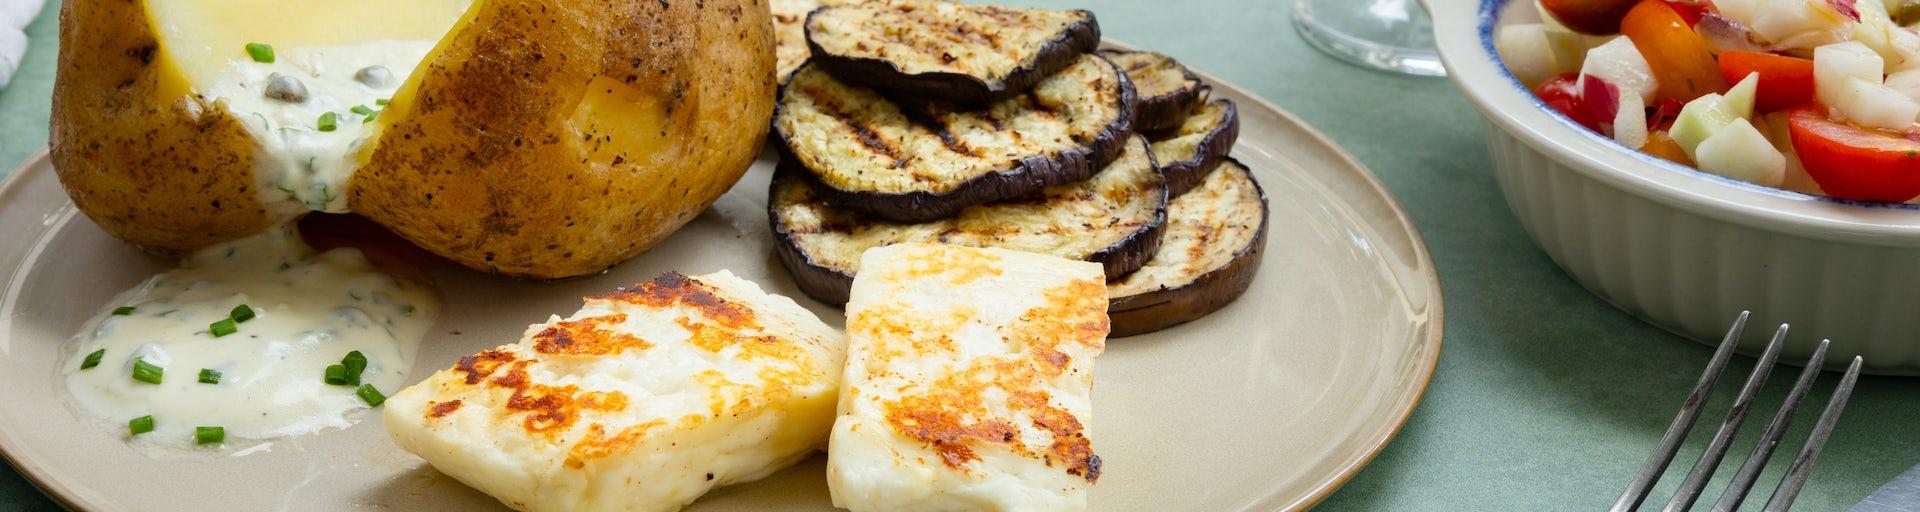 Gepofte aardappel met haloemi en salade | Recept uit de BBQ krat